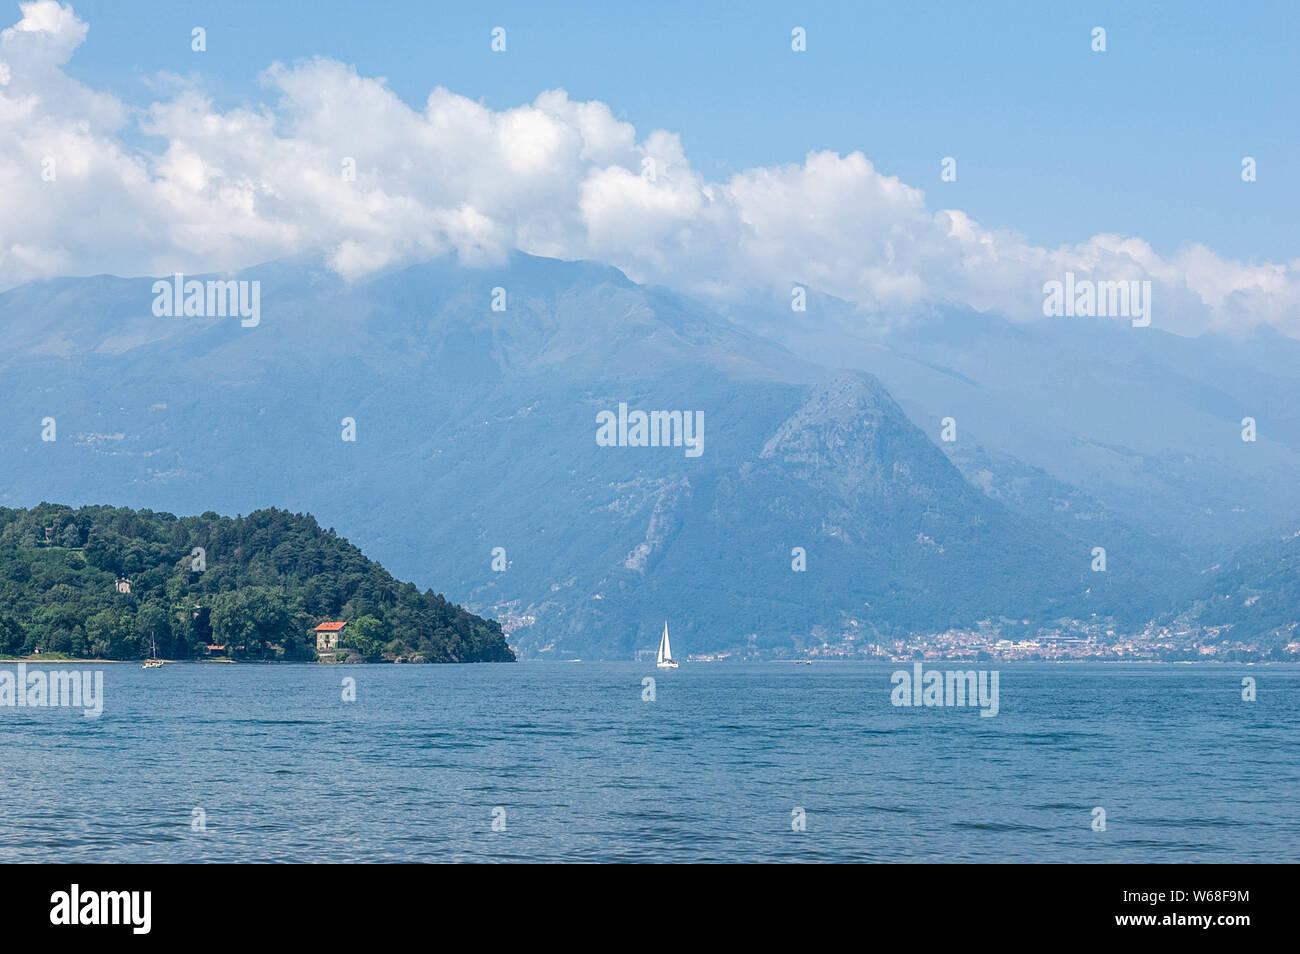 Blick auf die Berge und den See pomontory an einem sonnigen Sommertag. Bezirk von Comer See, Colico, Italien, Europa. Stockfoto